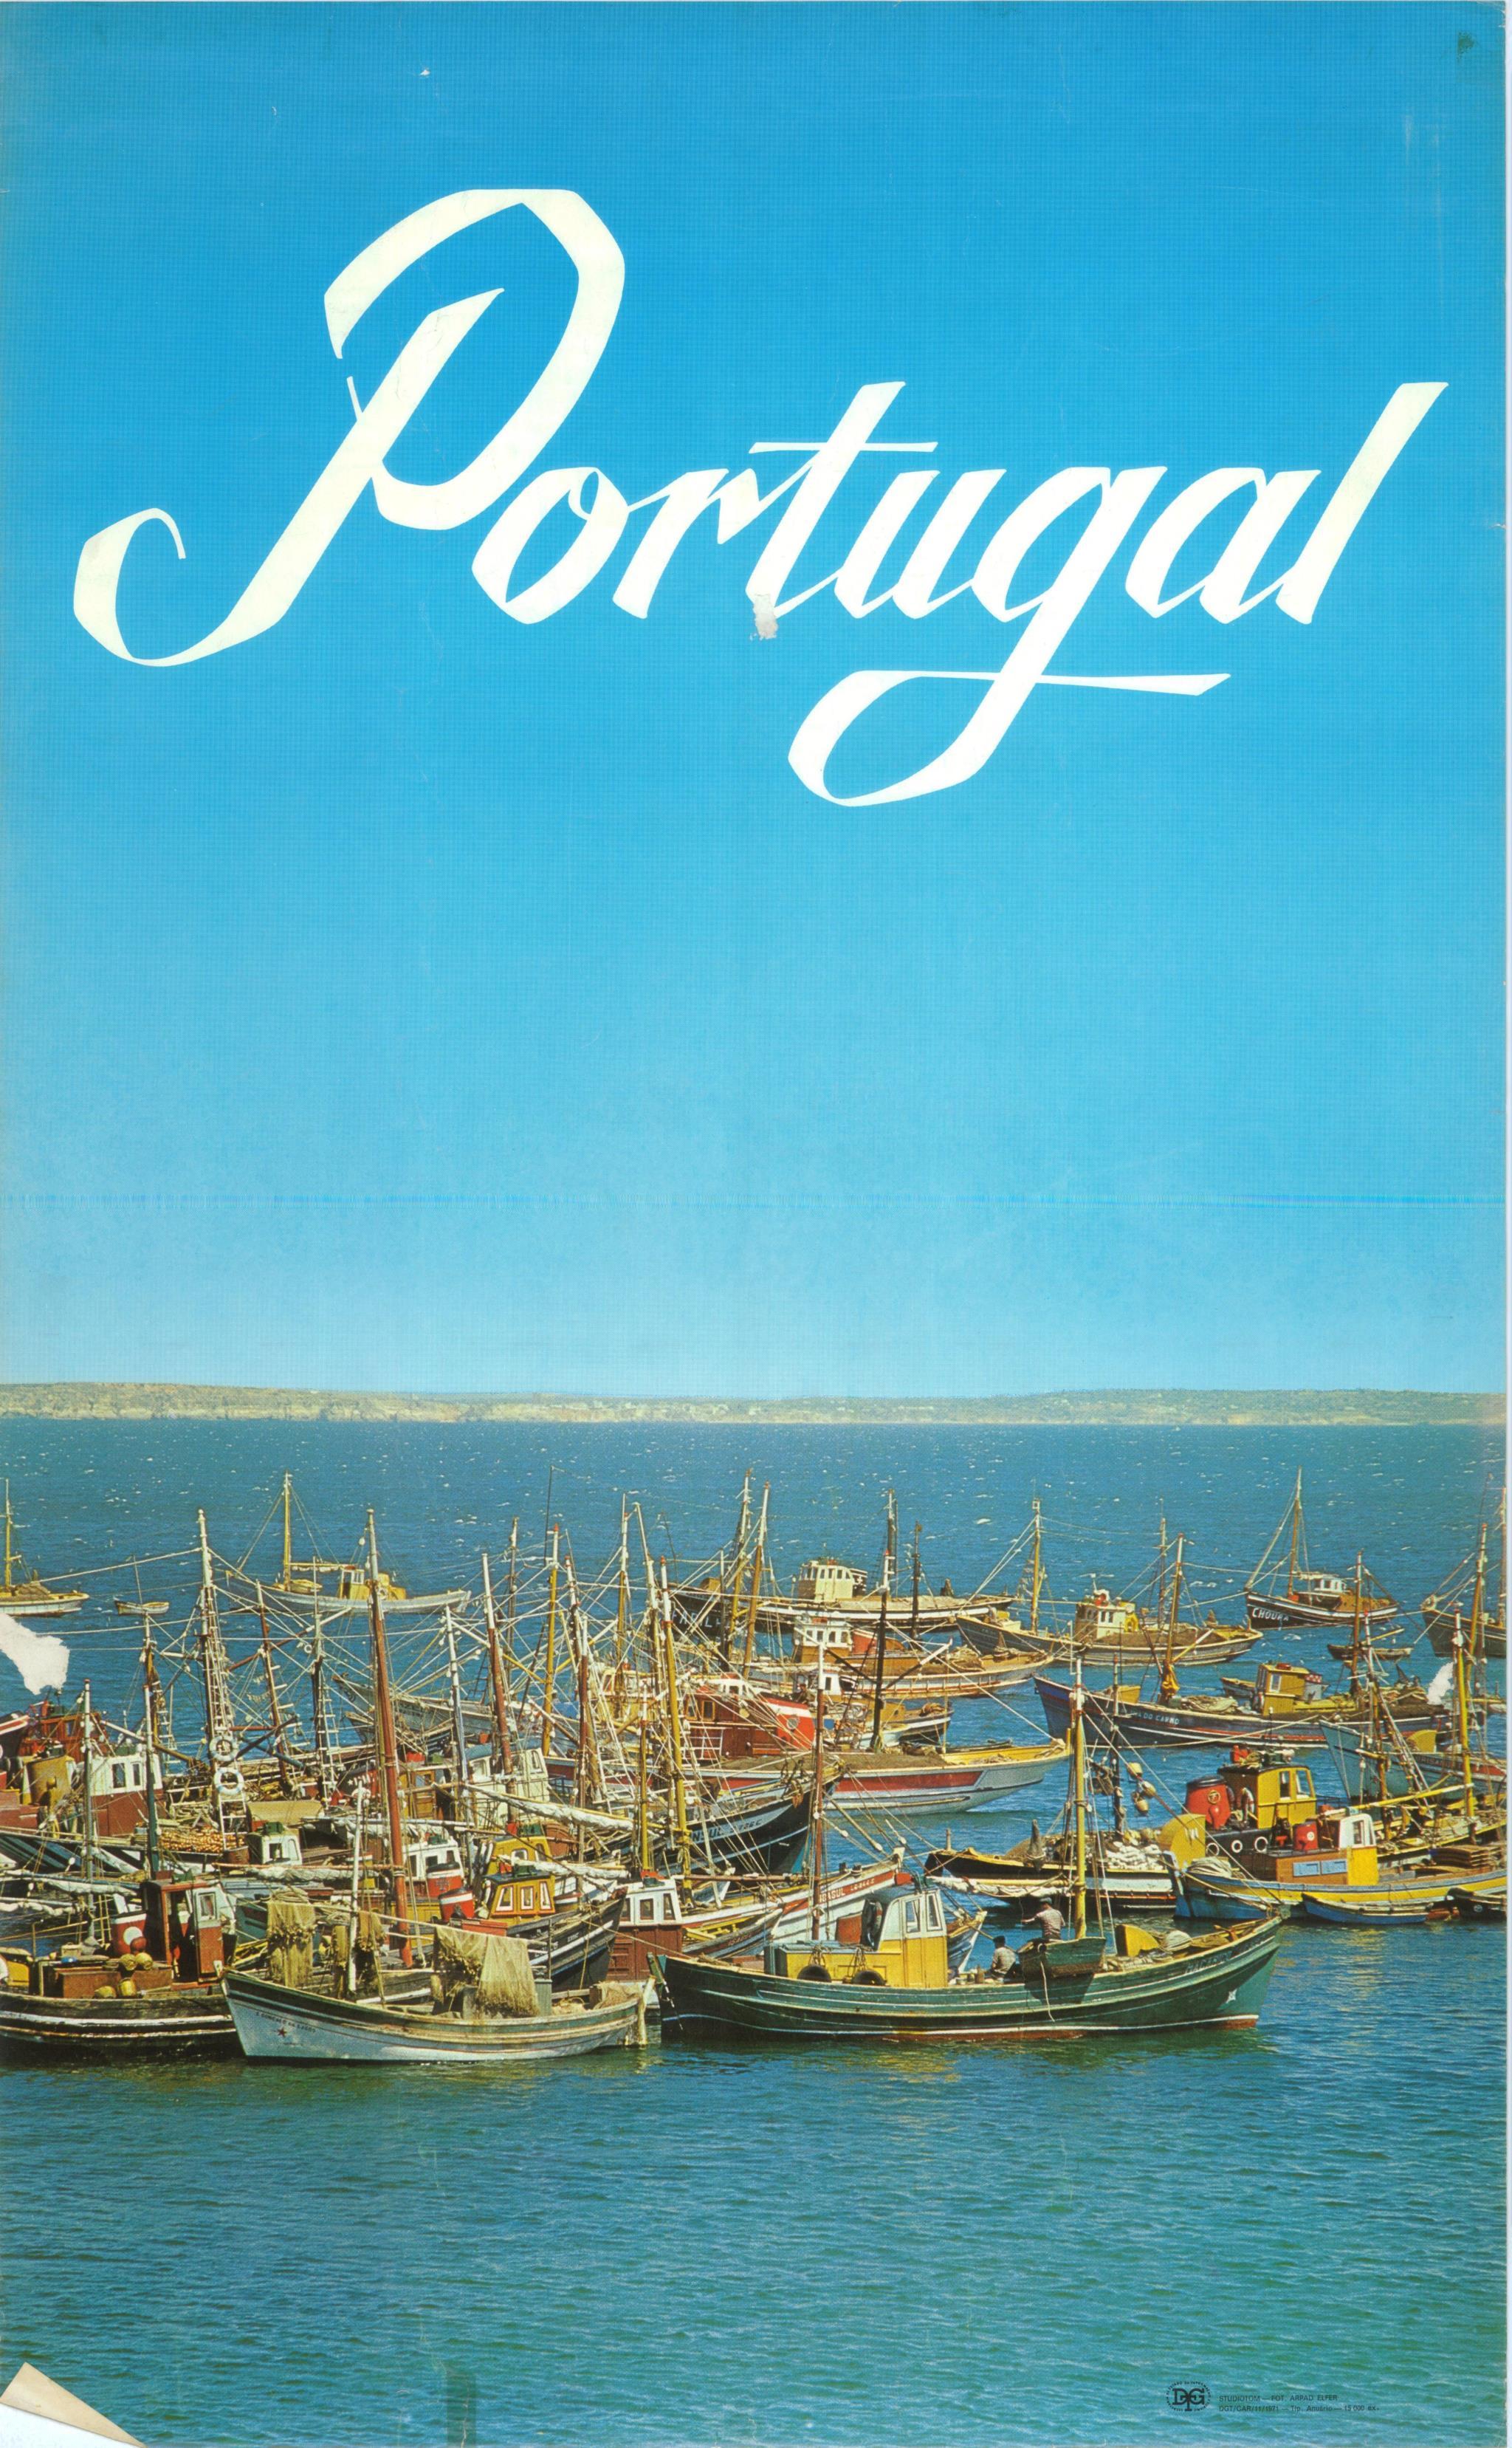 PÚBLICO - Cartaz de 1971 produzido pela Direcção-Geral de Turismo